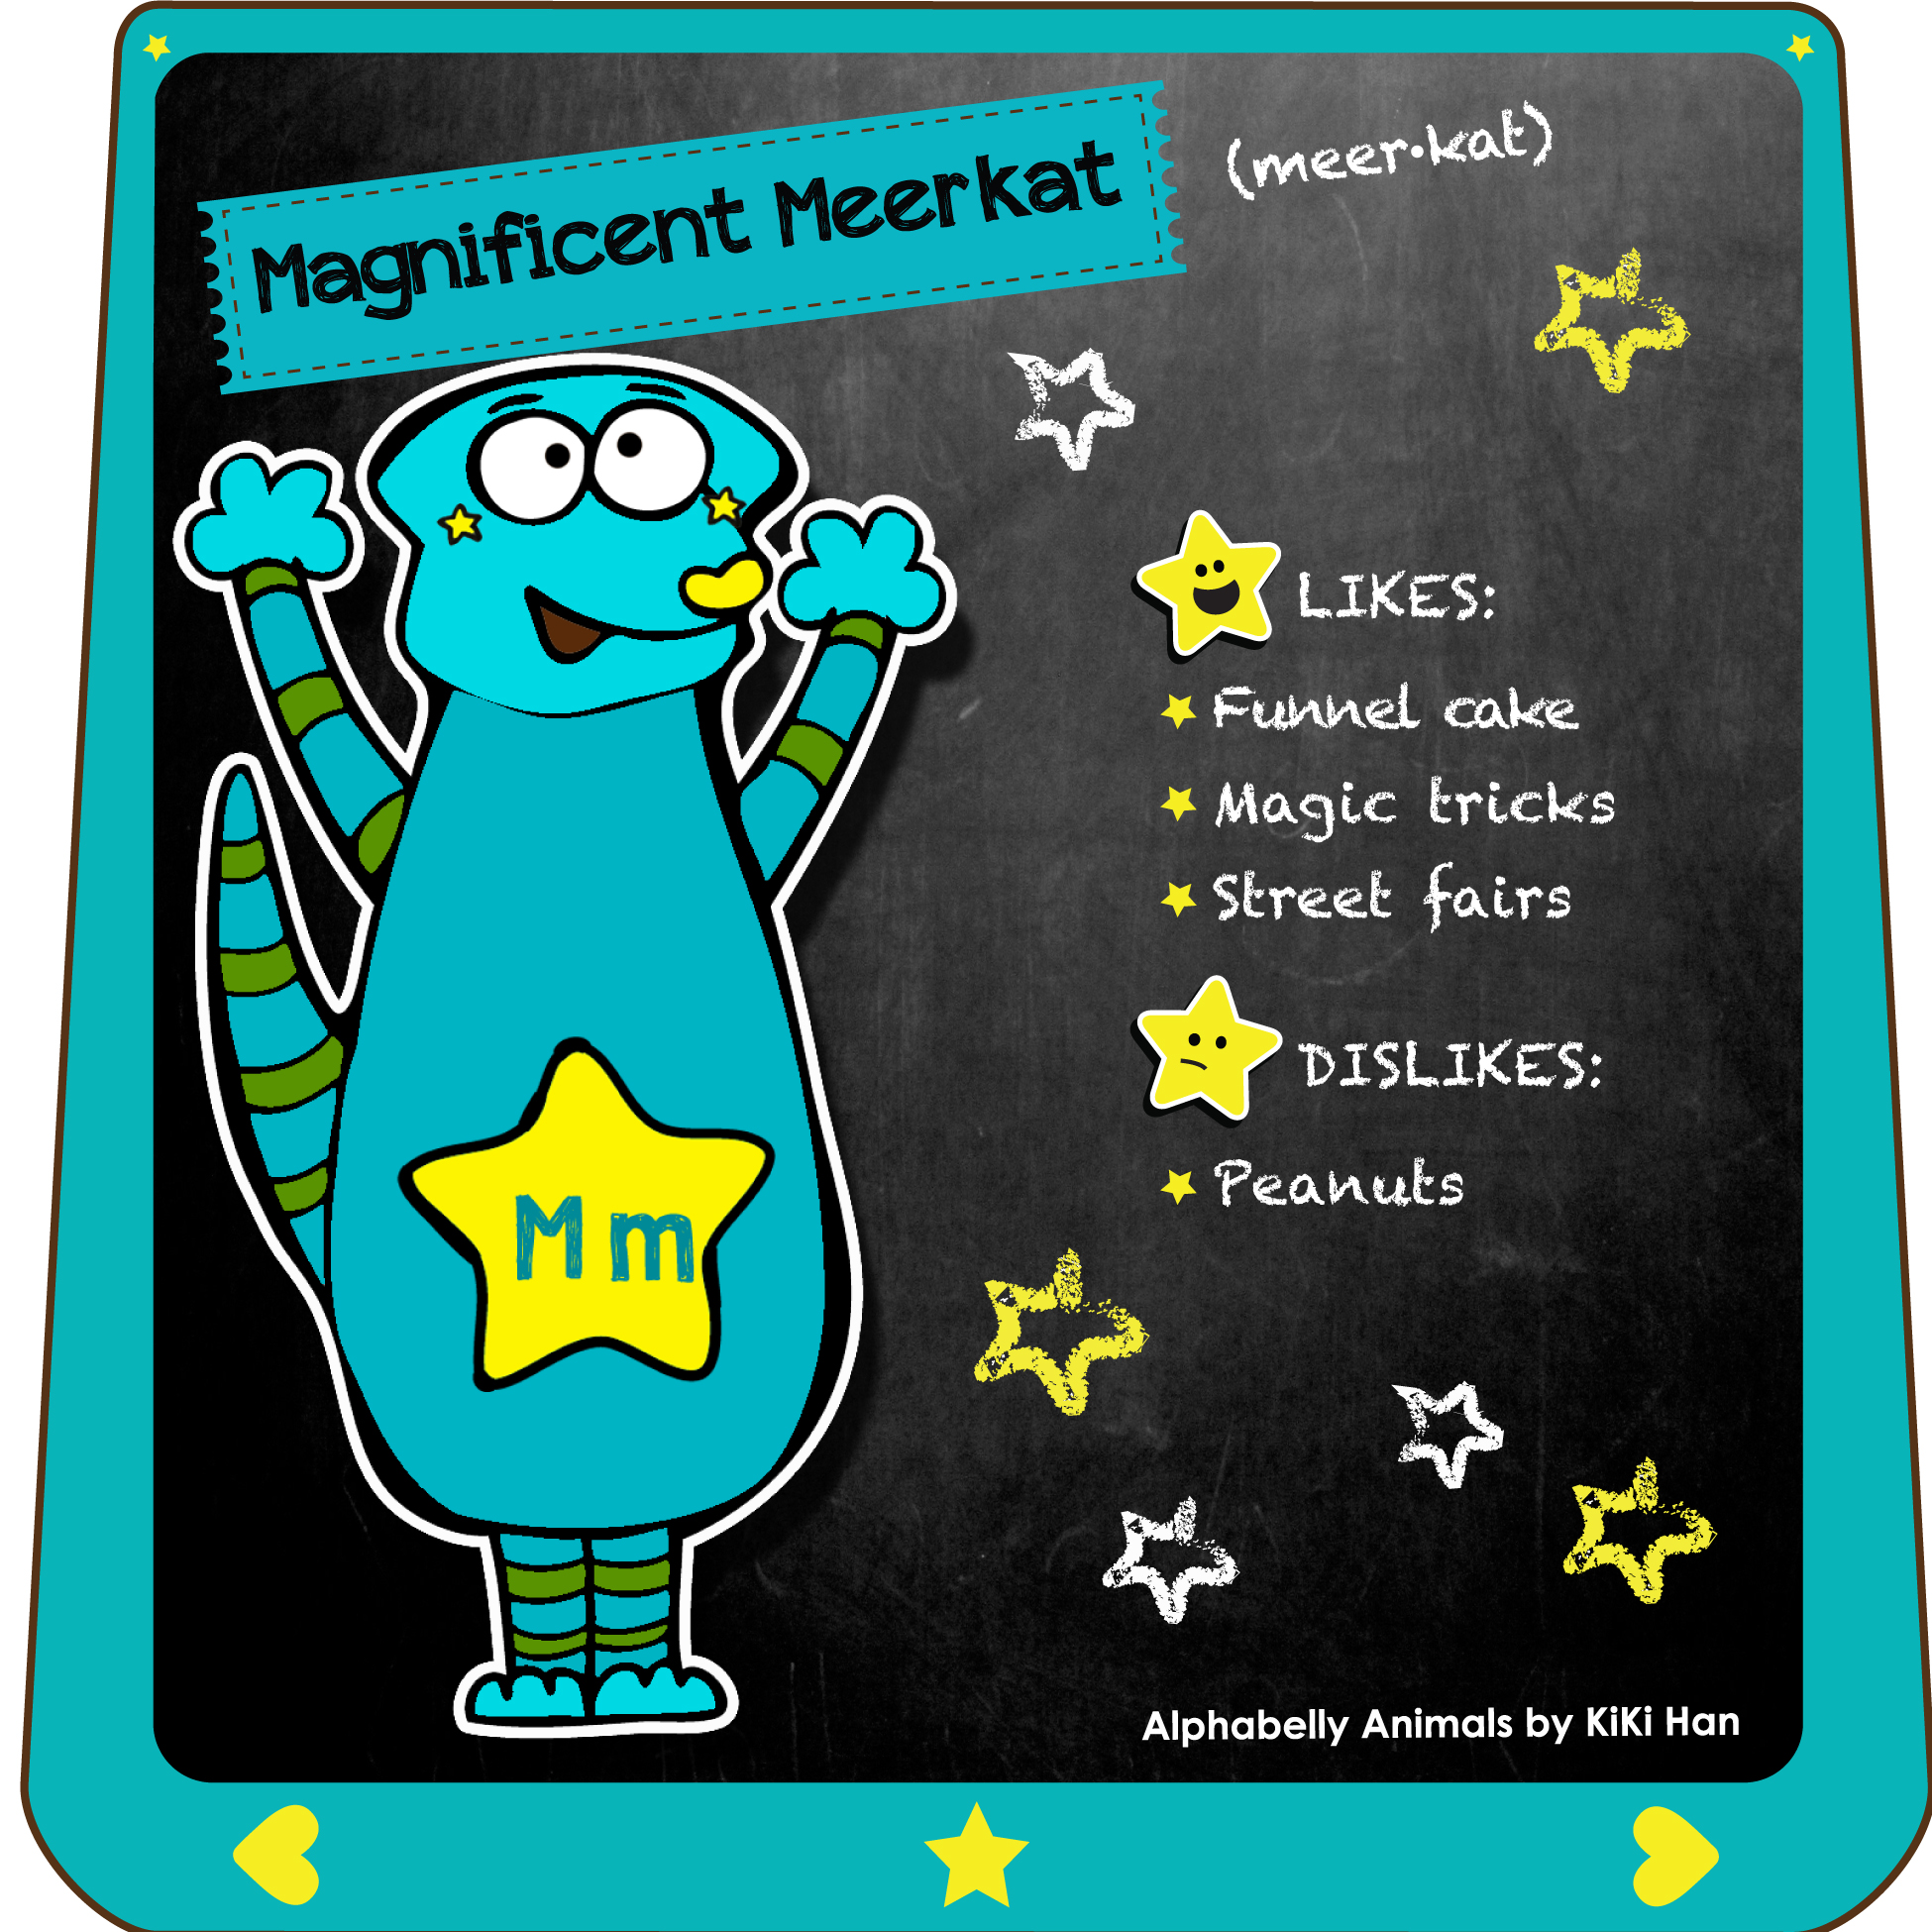 Meerkat I KiKi Han I KiKiHan I GeekyKiKi I Geeky KiKi I Missgeekykiki I Cutiecons I Cutiecon I Cutie Con I Alphabellies I Alphabelly I A to Z Animal Poster